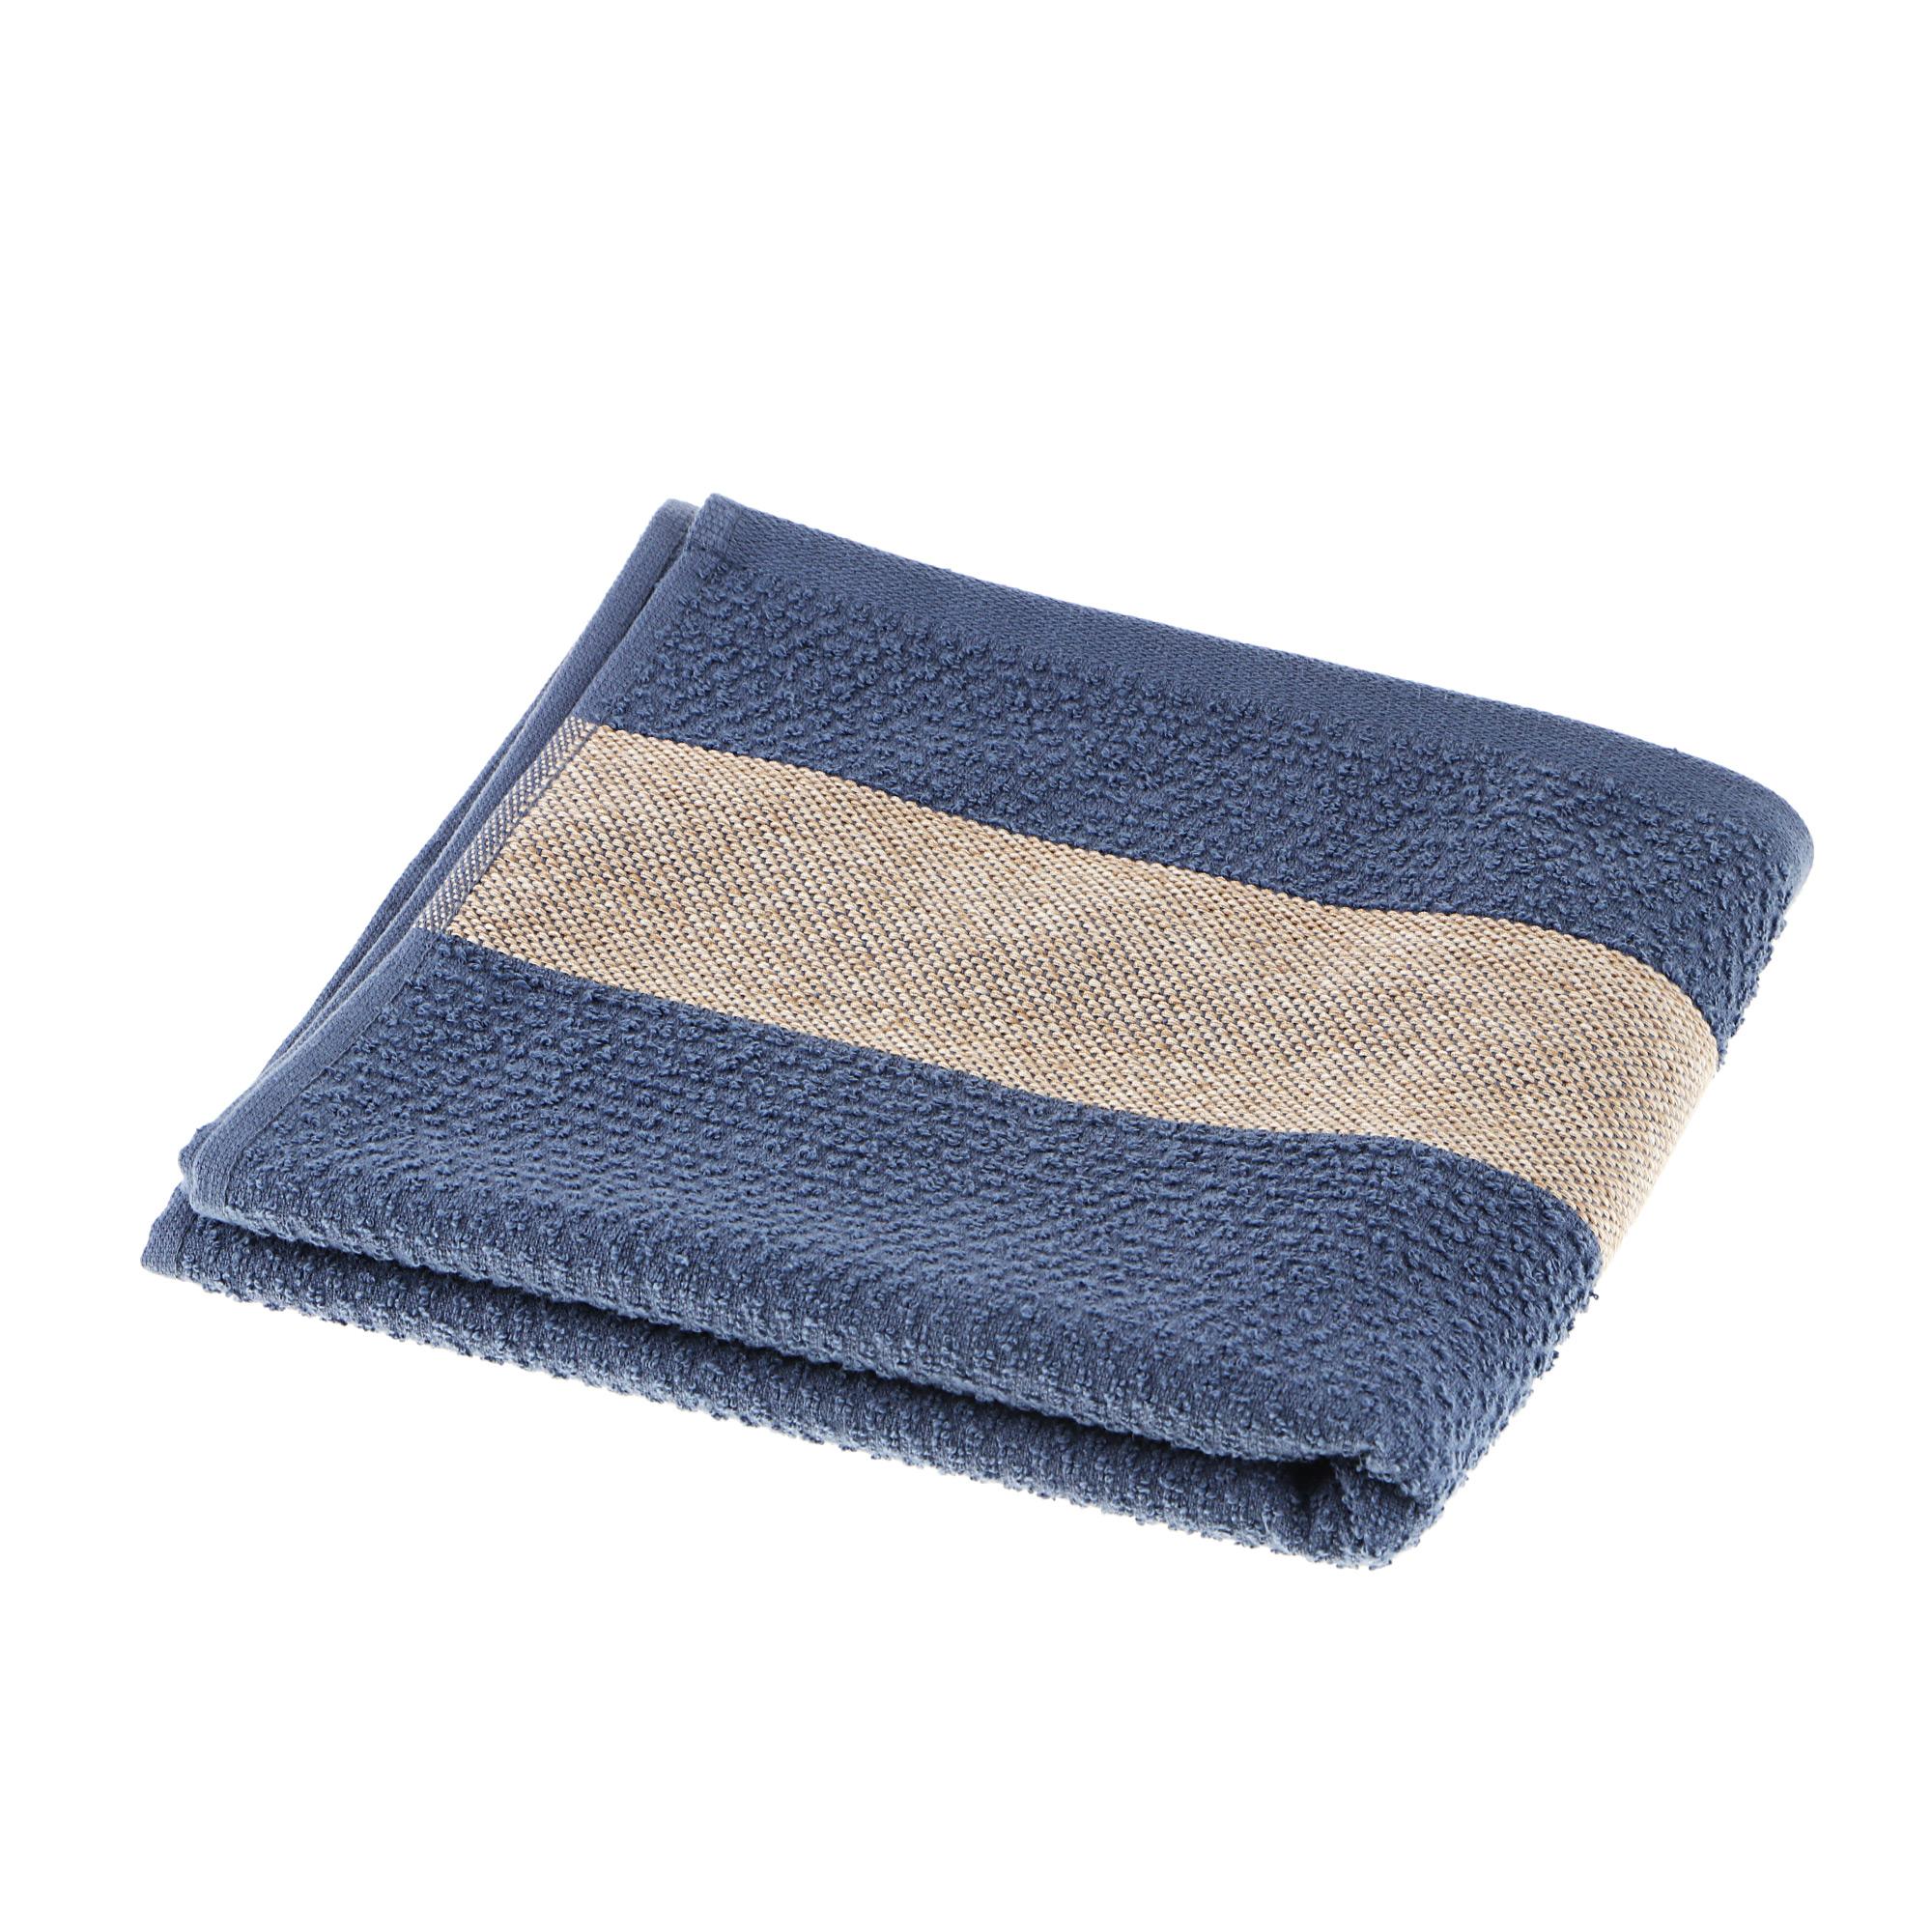 Полотенце махровое Asil woody 50x100 d.blue полотенце двухстороннее 50x100 asil powder